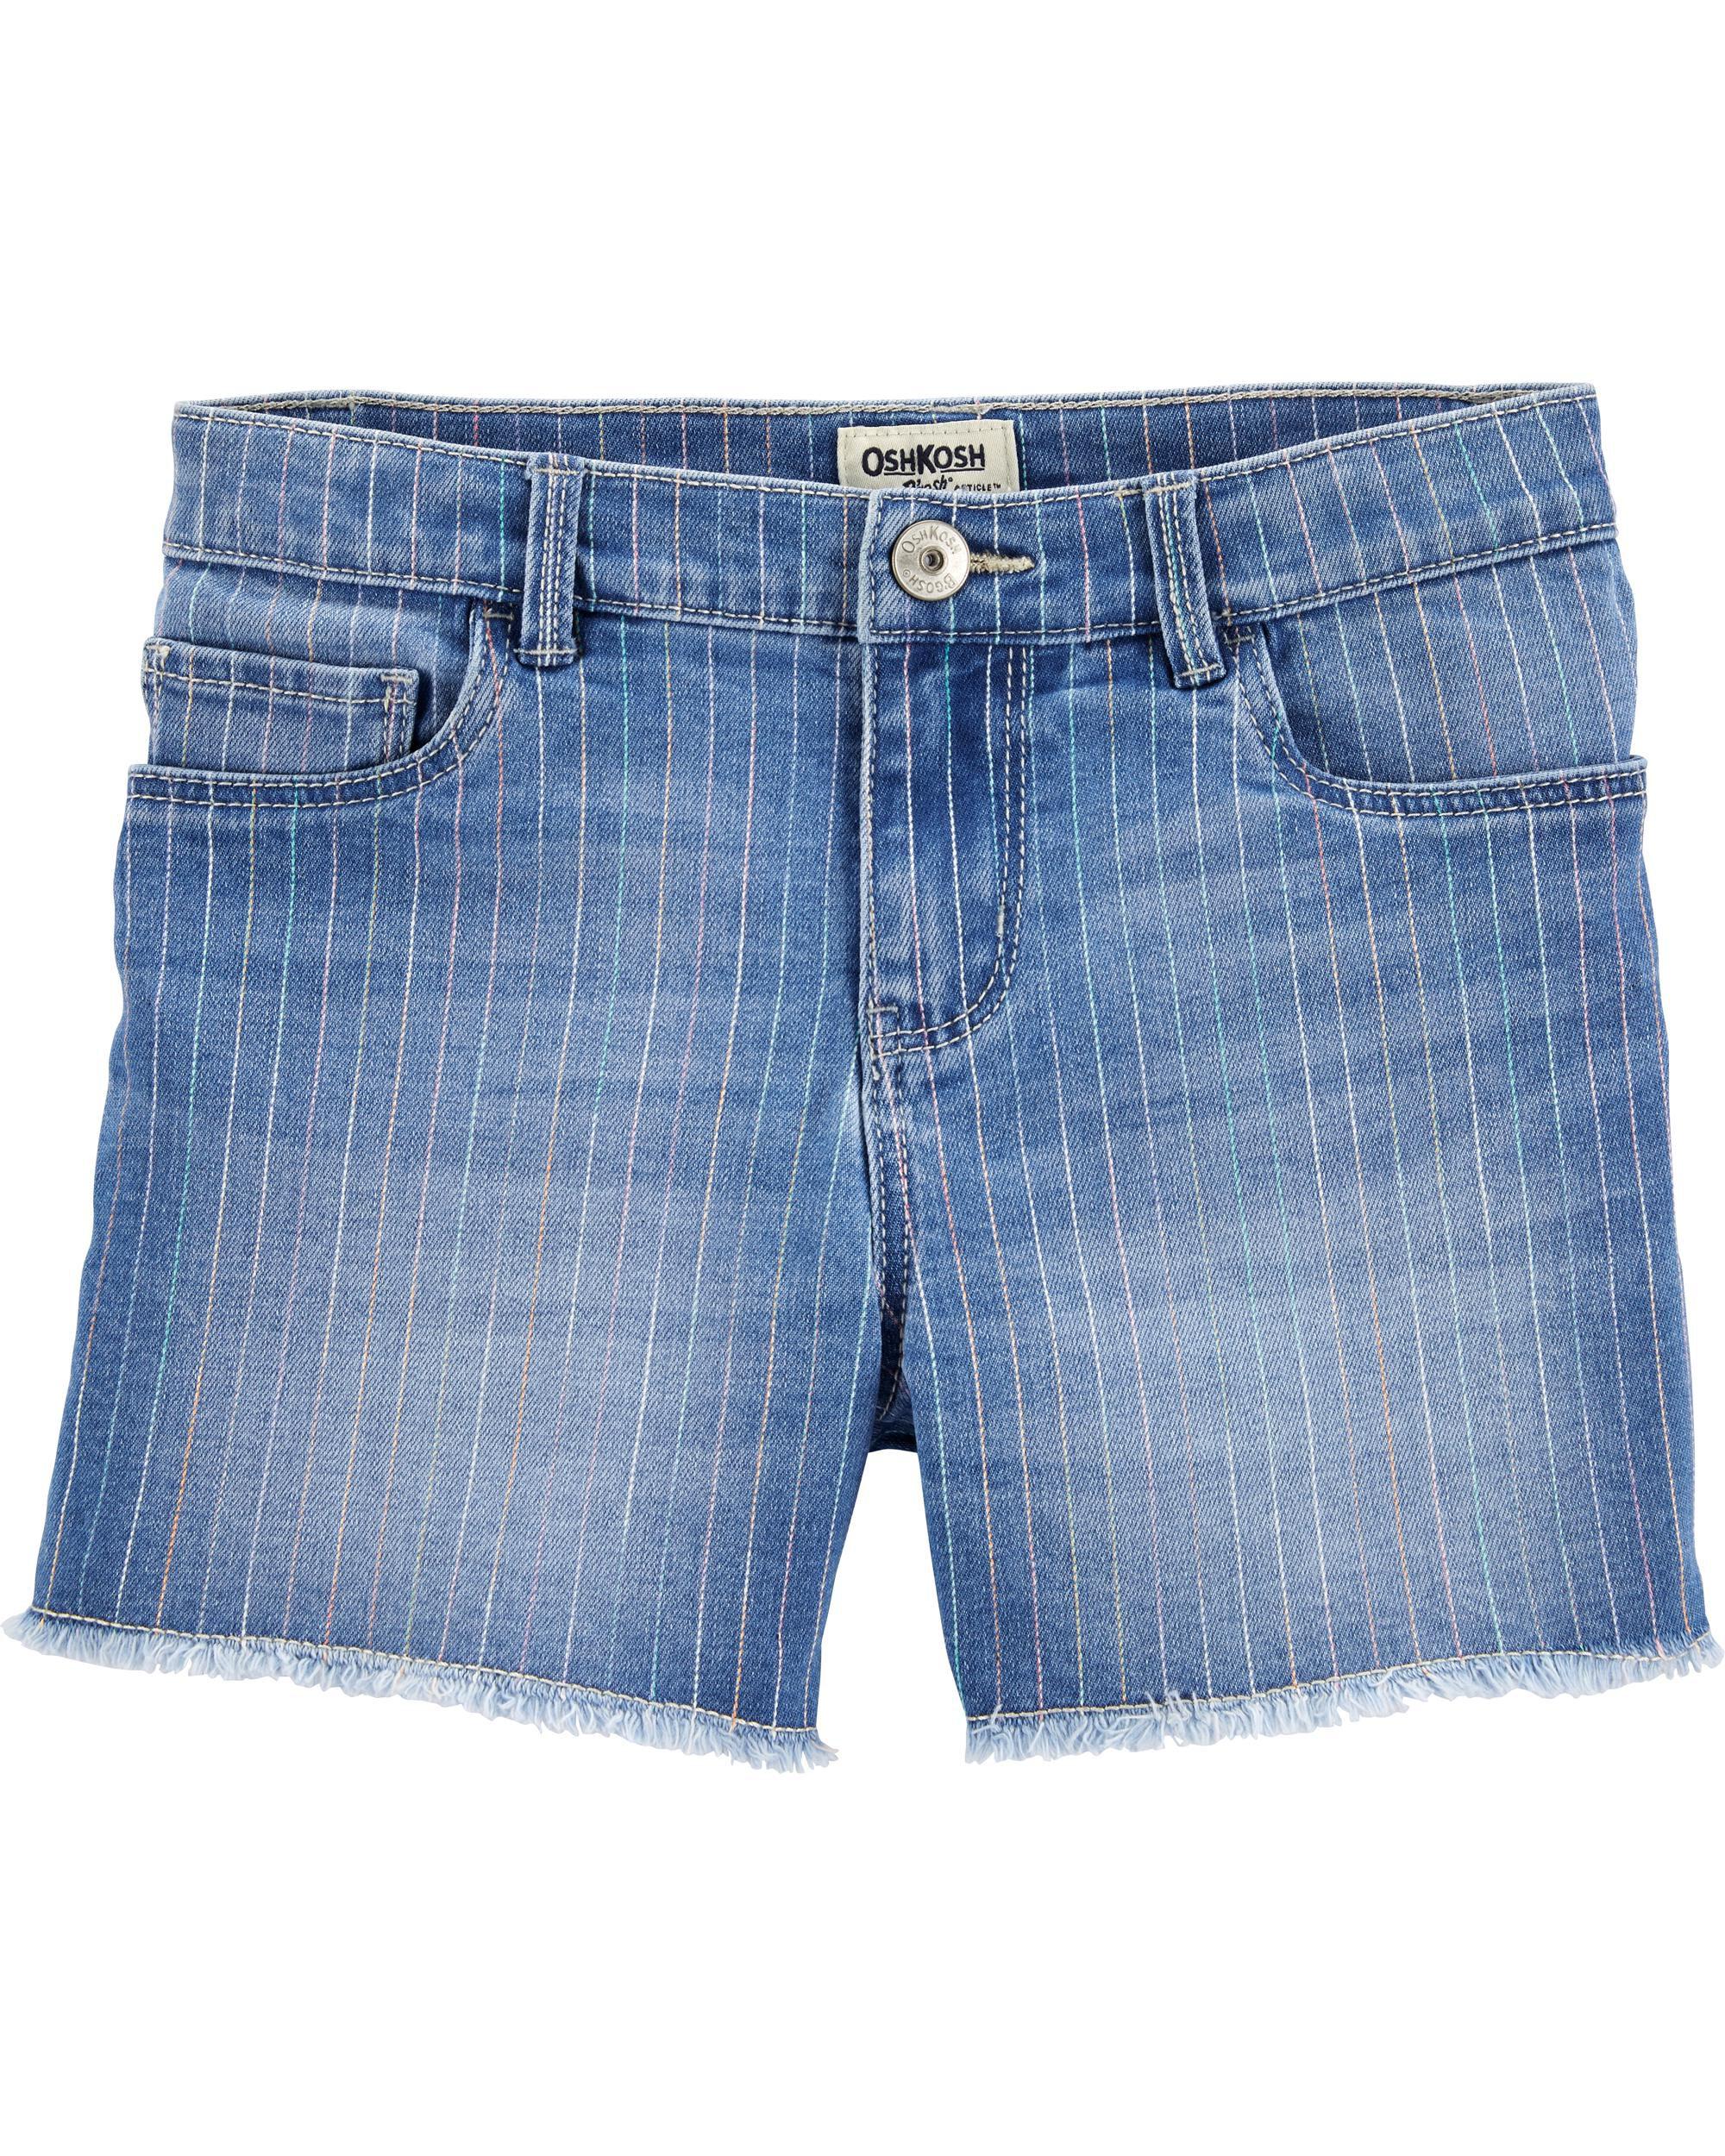 *CLEARANCE* Rainbow Stretch Denim Shorts